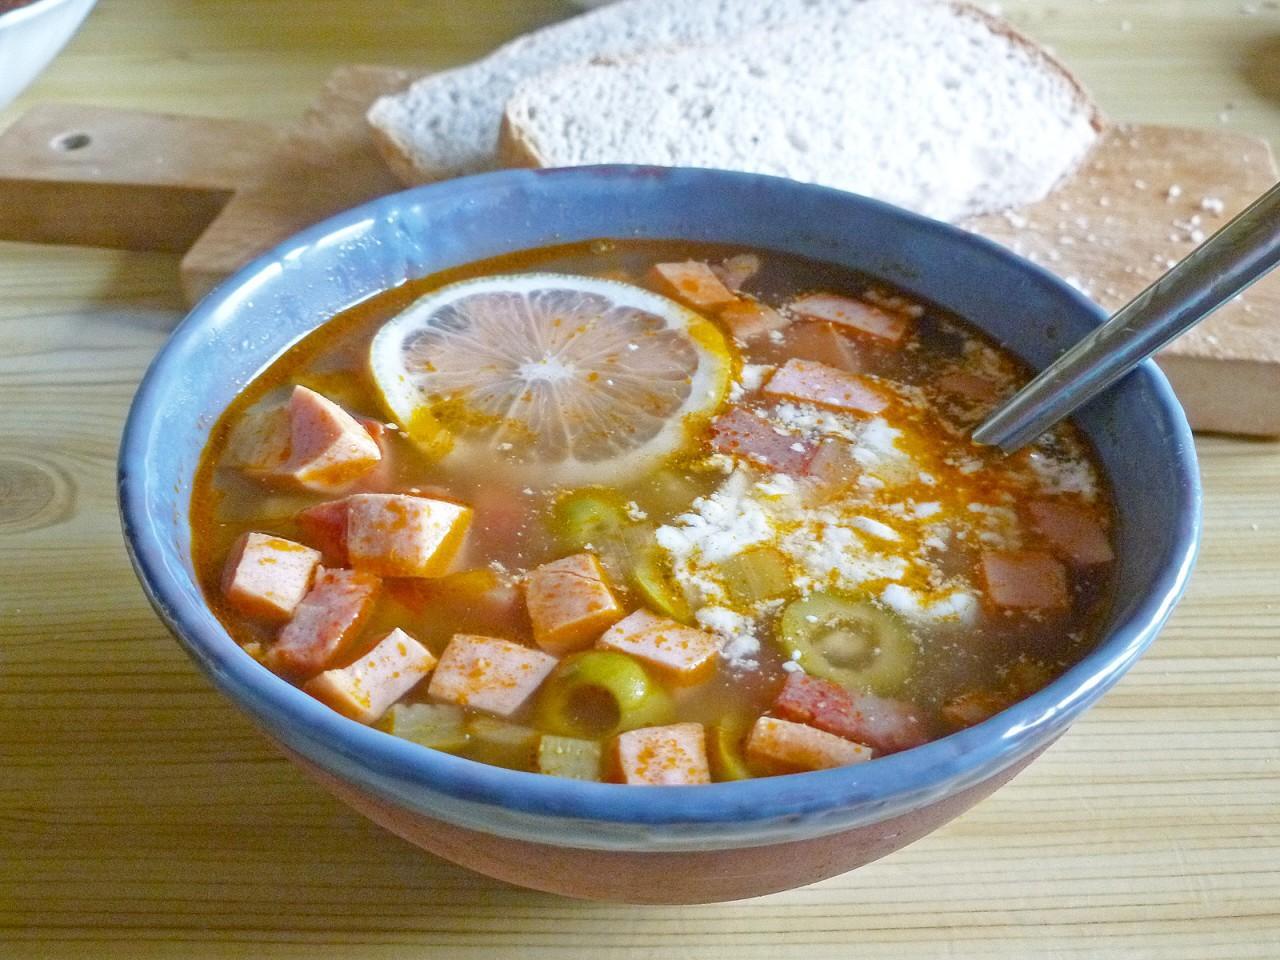 как приготовить солянку суп рецепт с фото пошагово